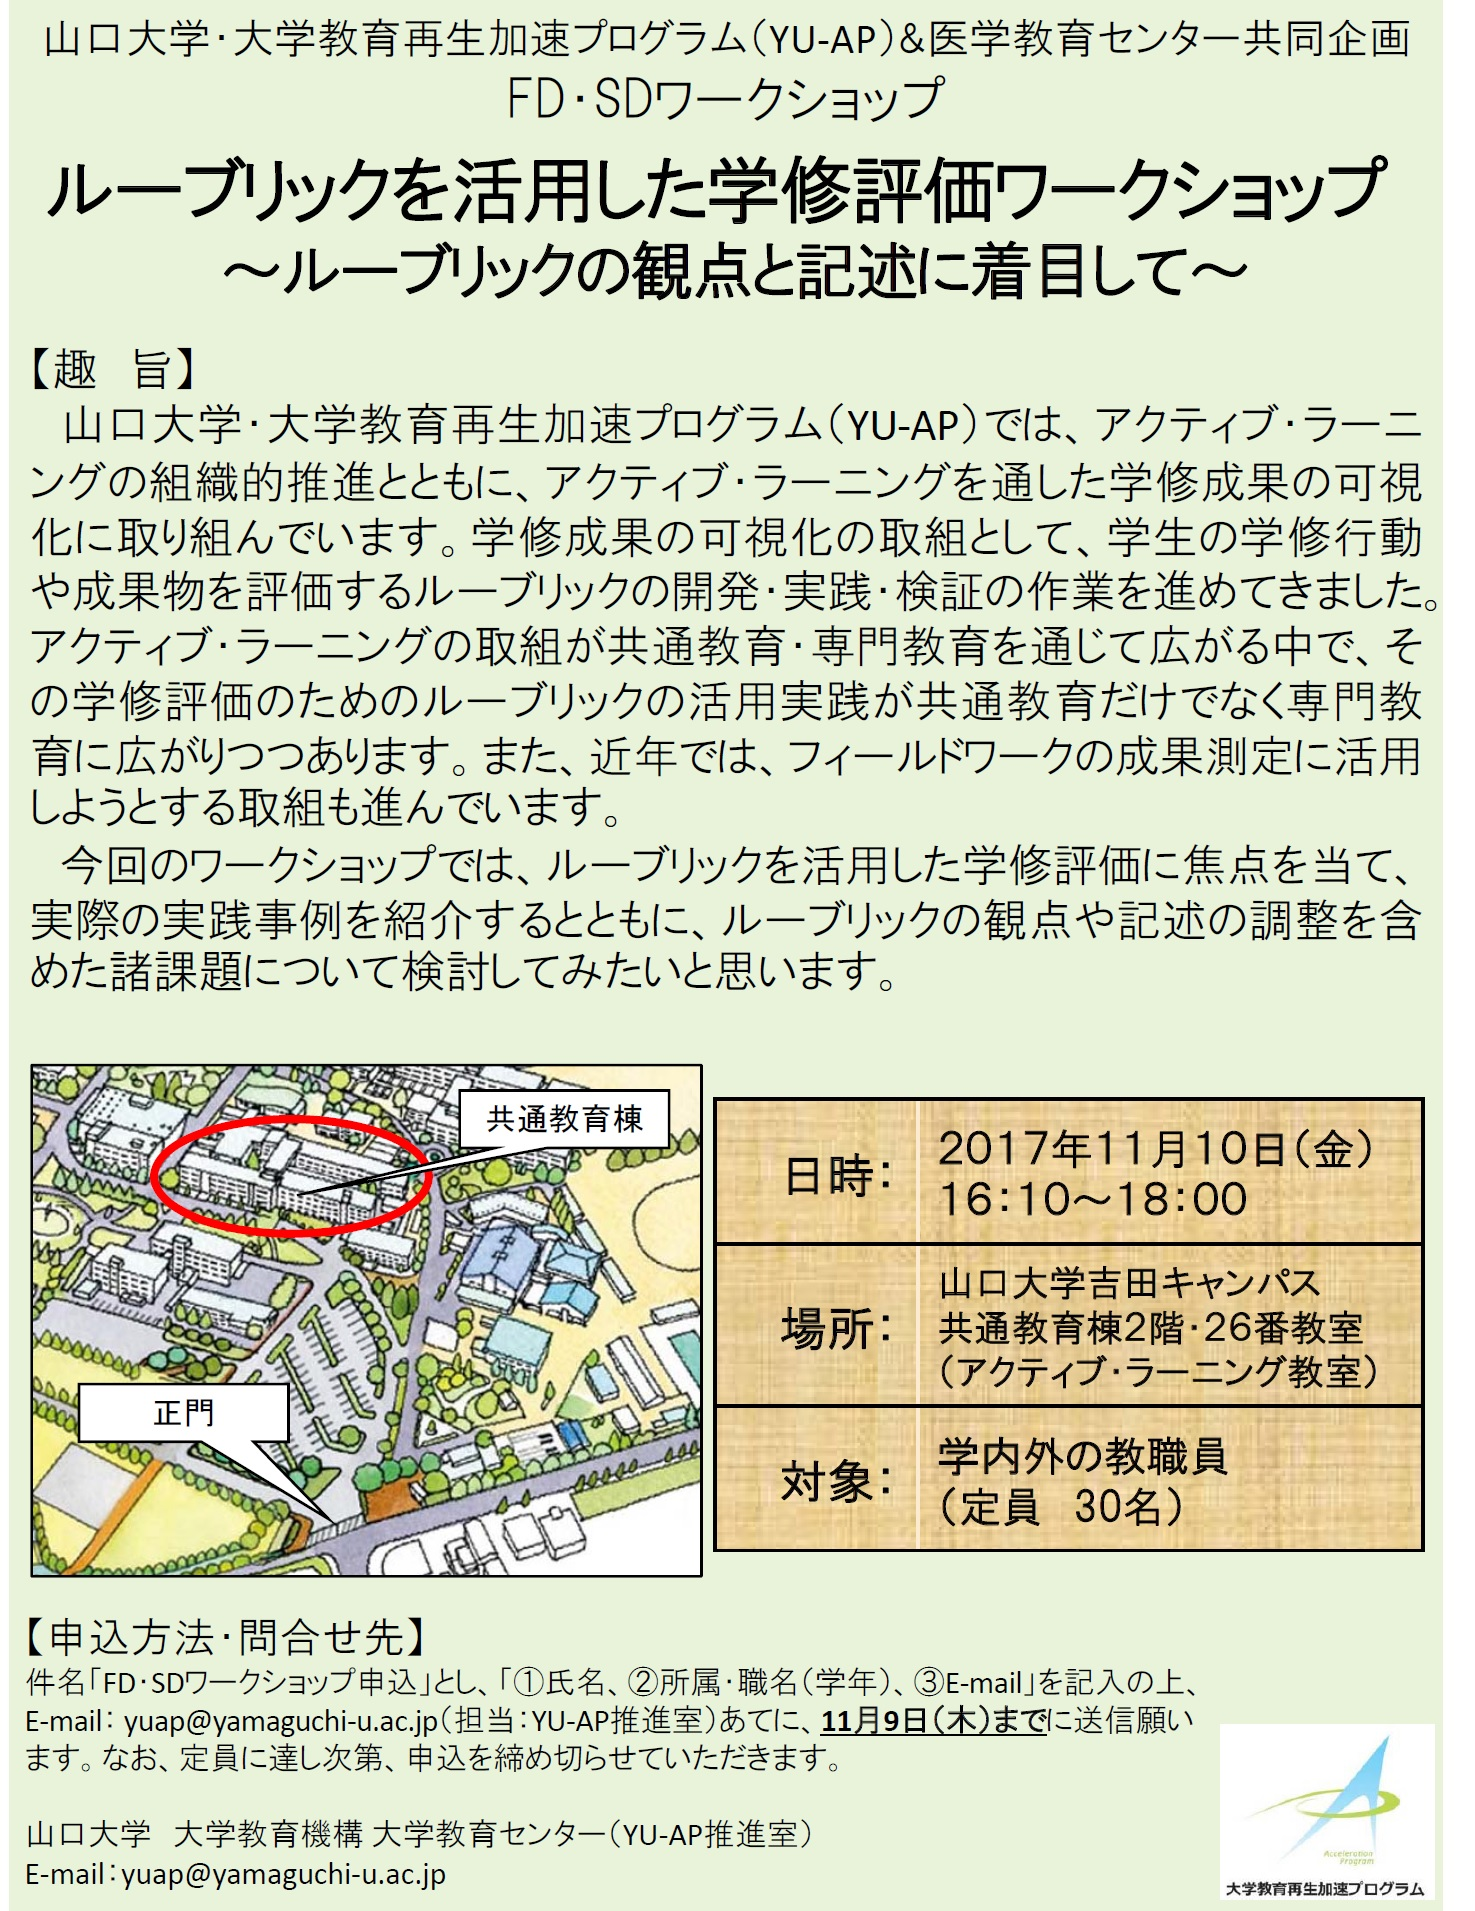 11月10日FD・SDチラシ1.jpg